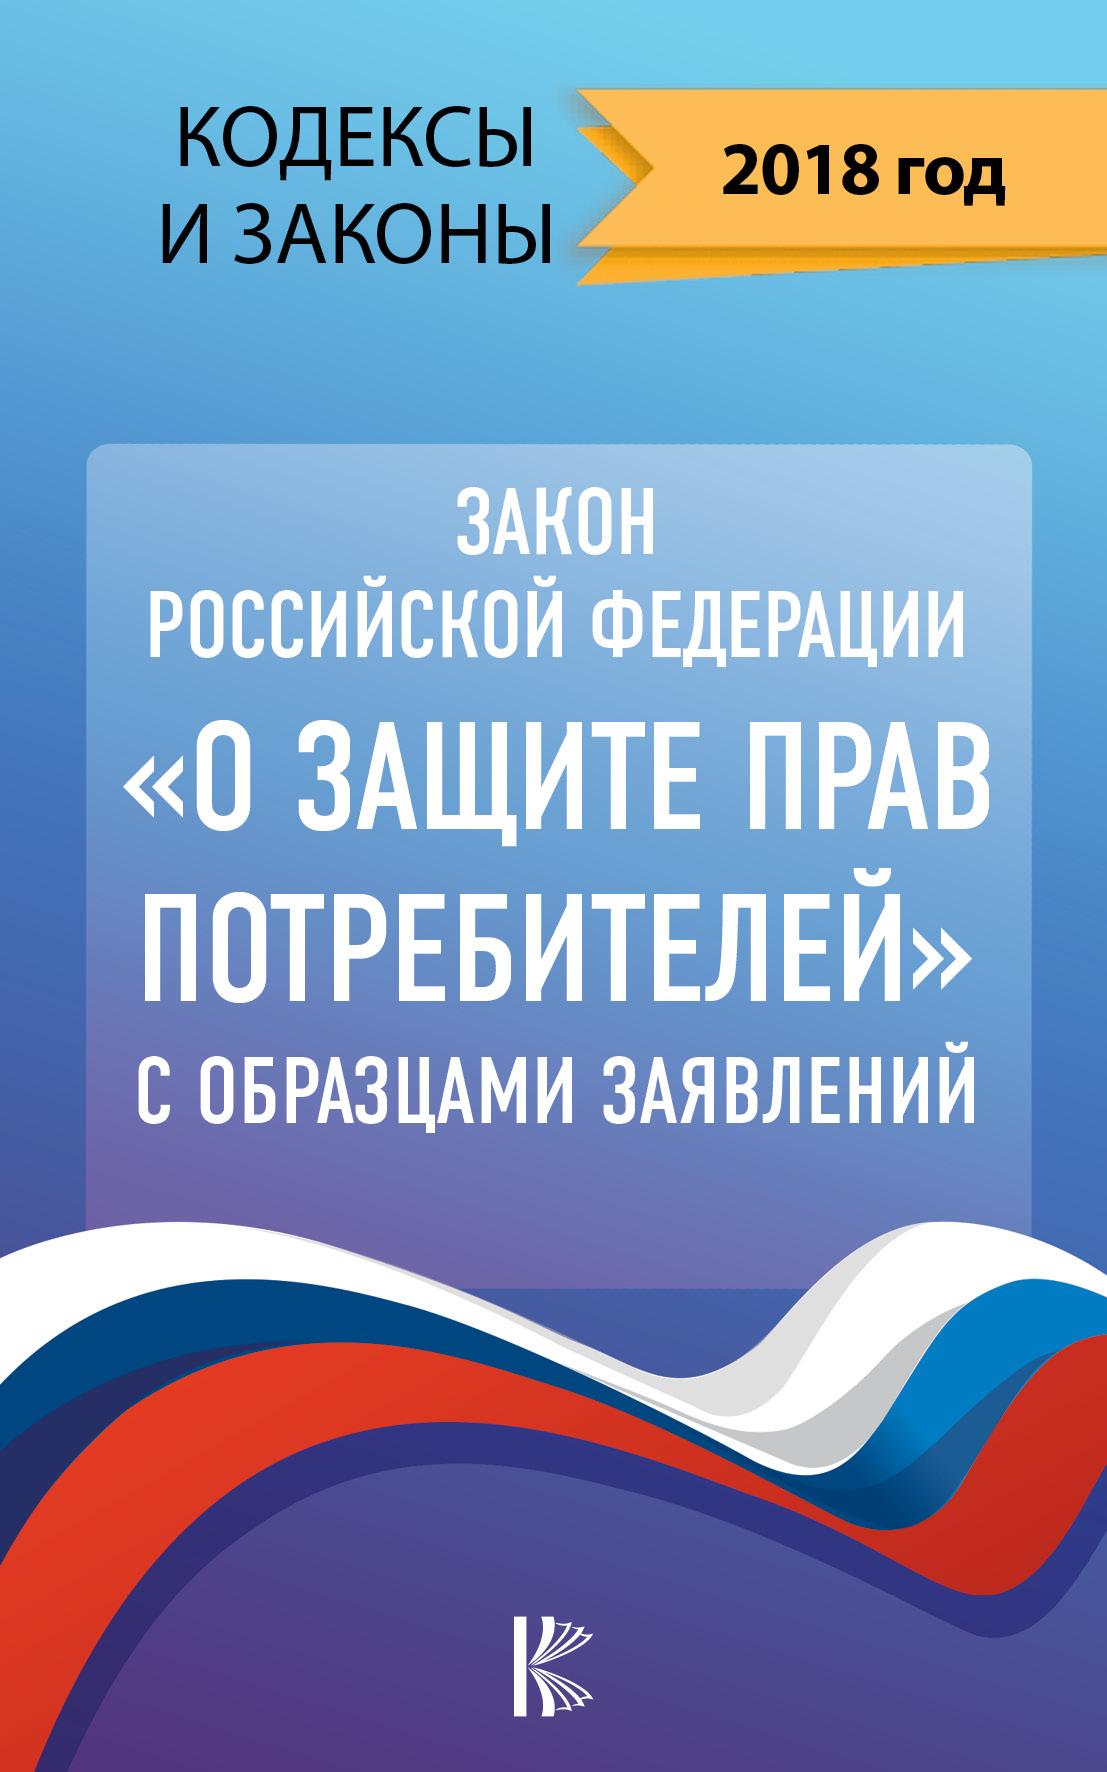 """. Закон Российской Федерации """"О защите прав потребителей"""" с образцами заявлений на 2018 год"""